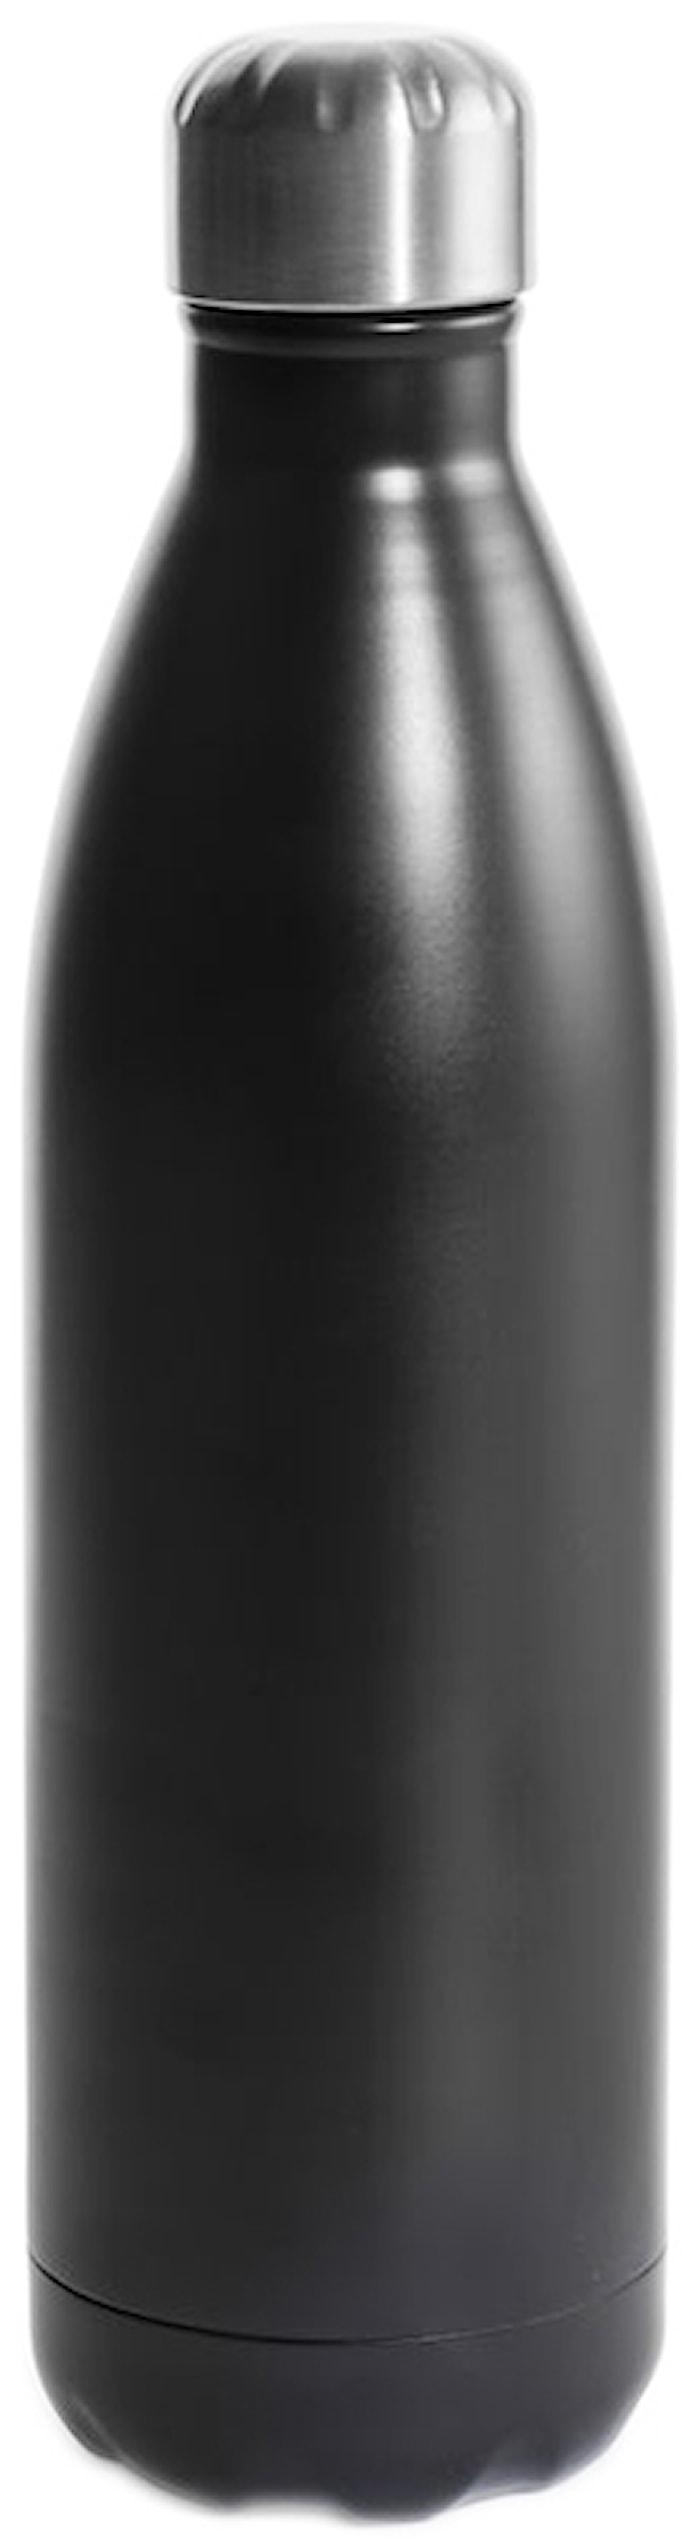 Stålflaska svart 75 cl